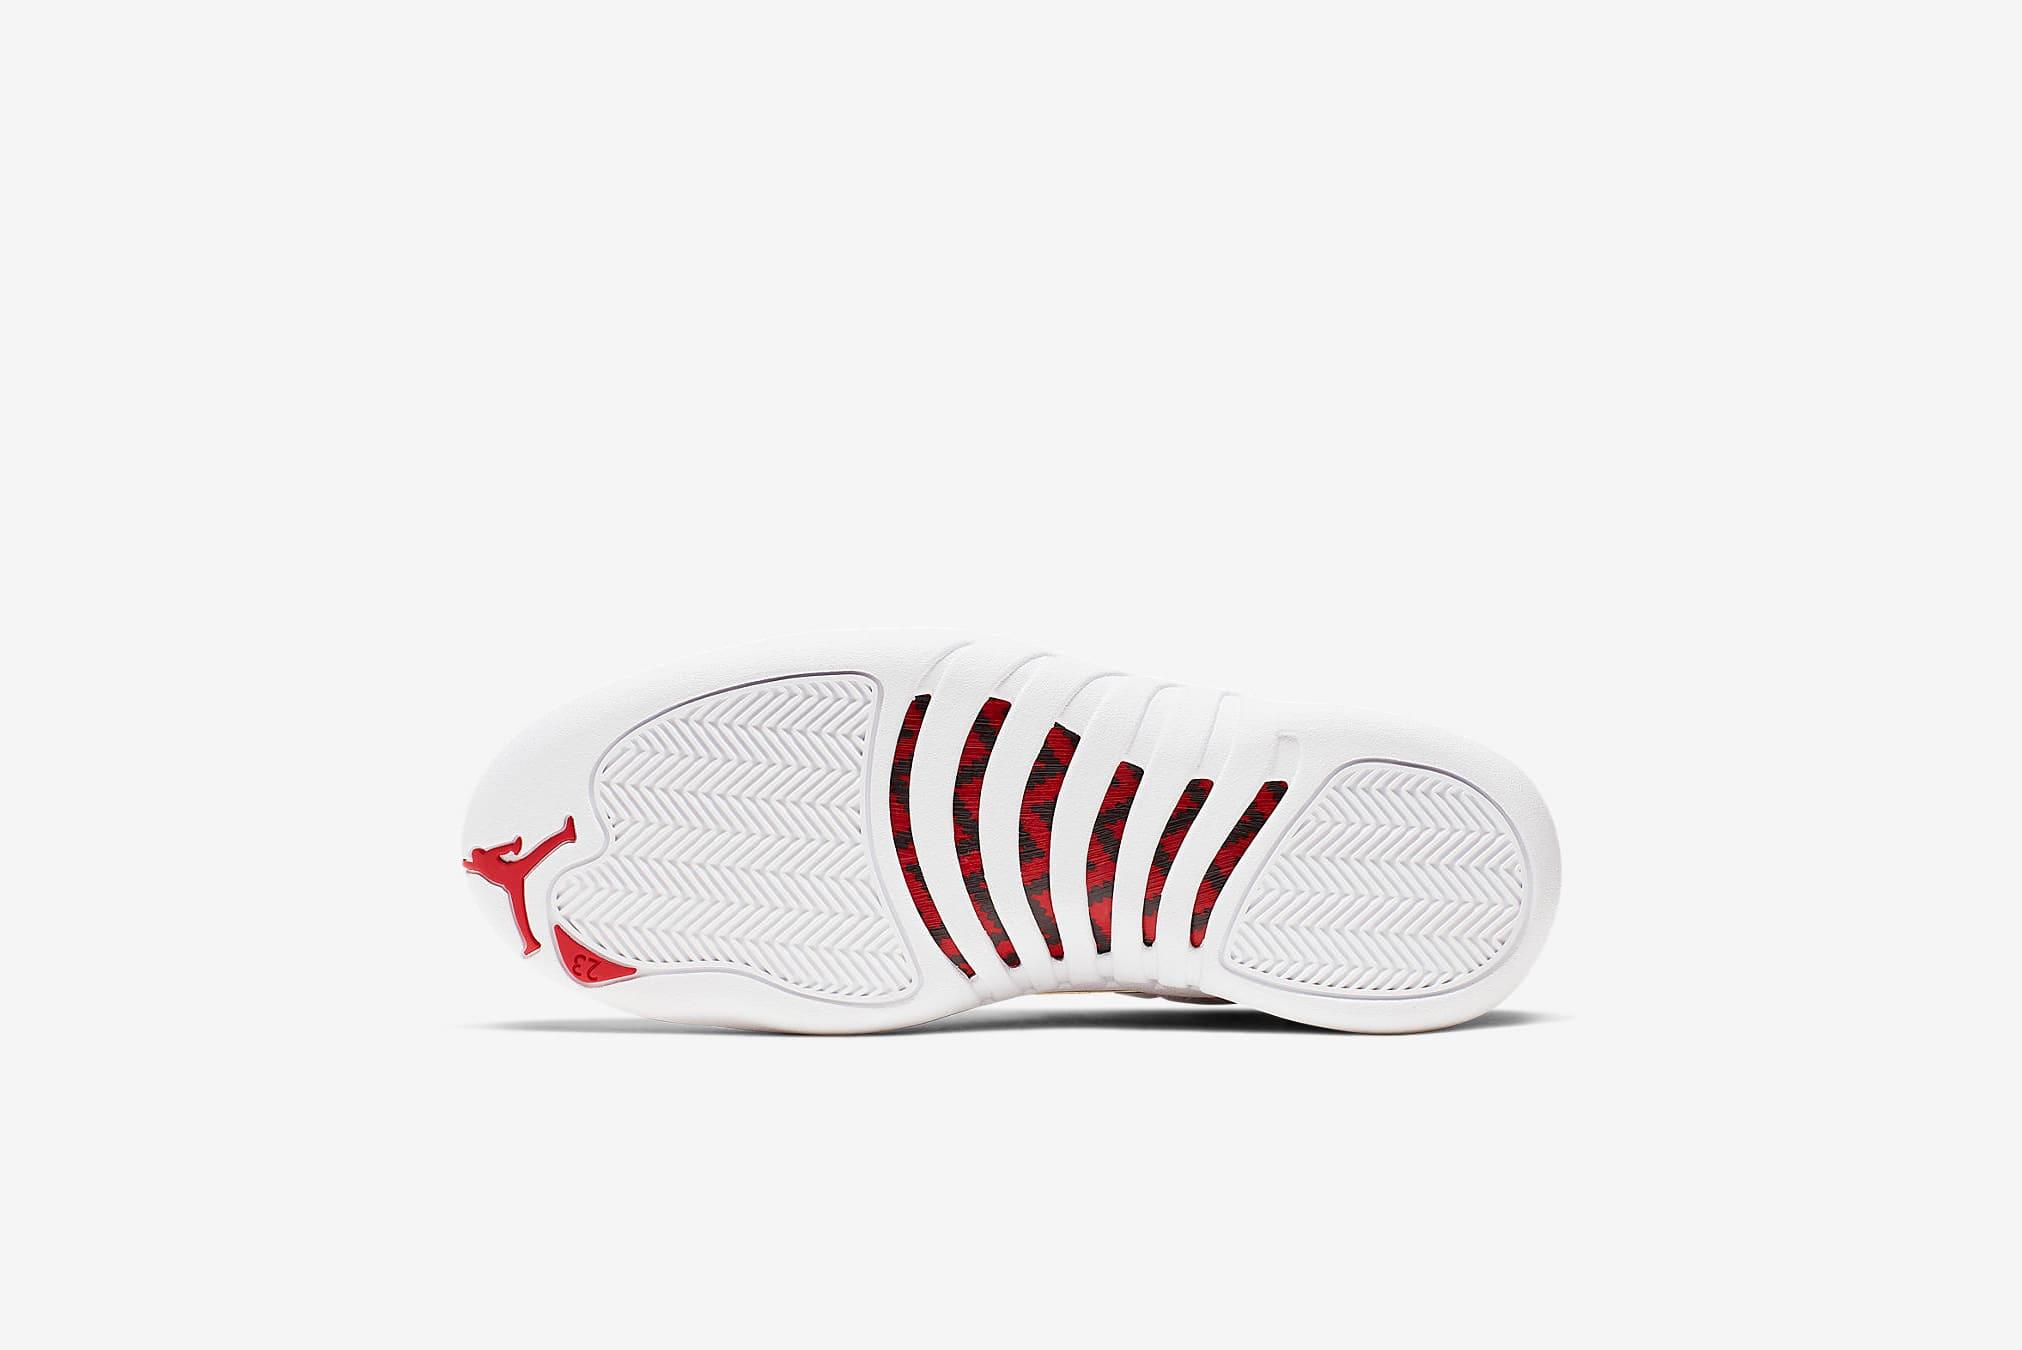 Nike Air Jordan XII FIBA China - 130690-107